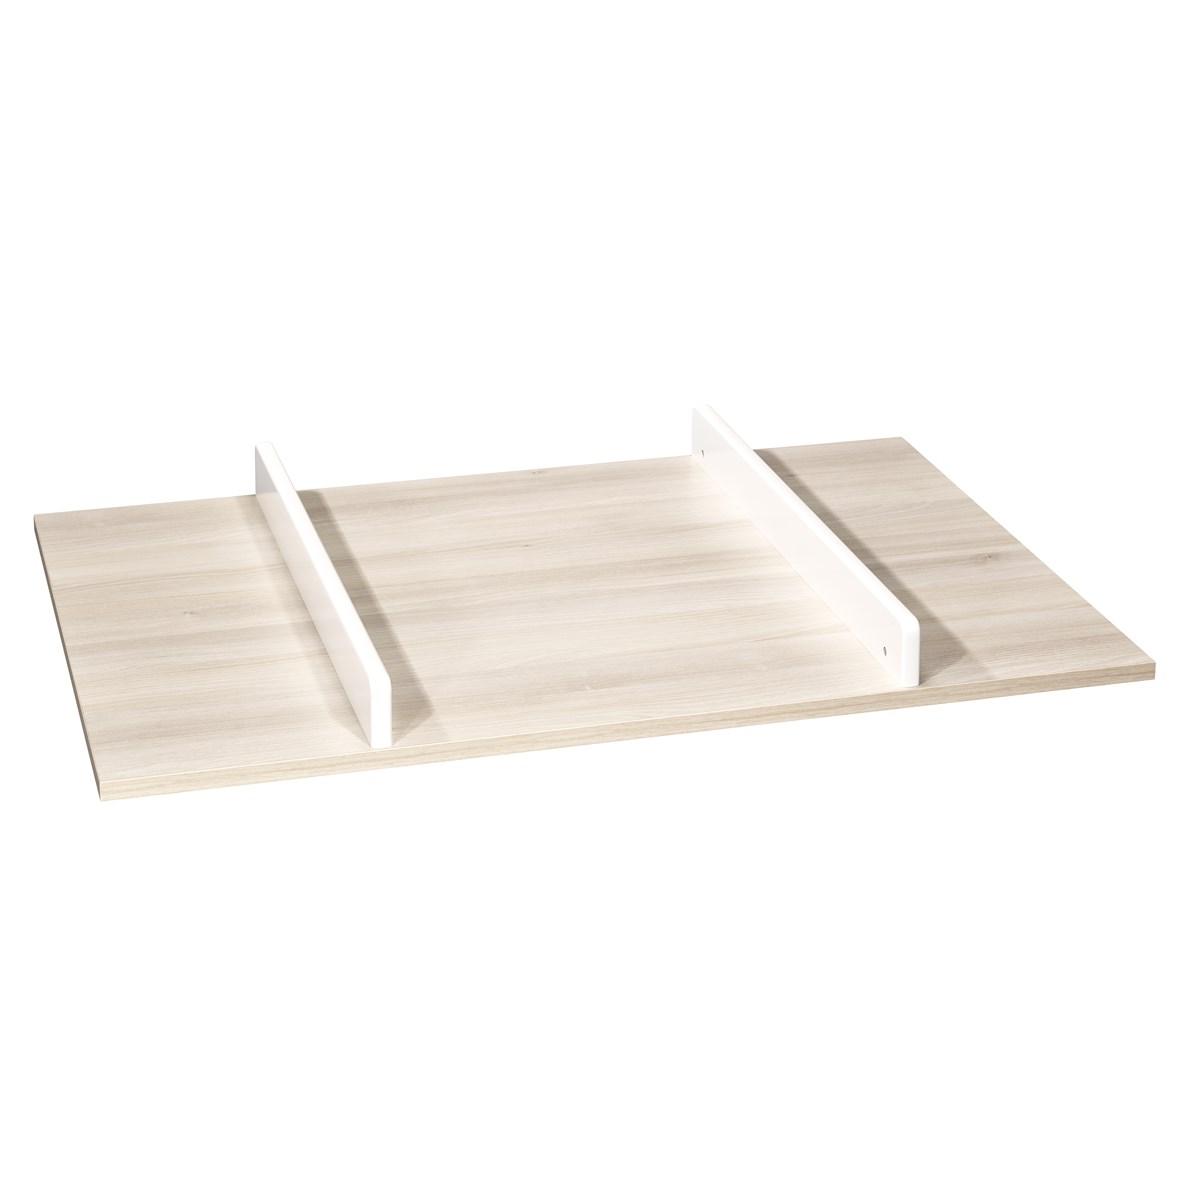 Plan à langer pour commode en bois beige